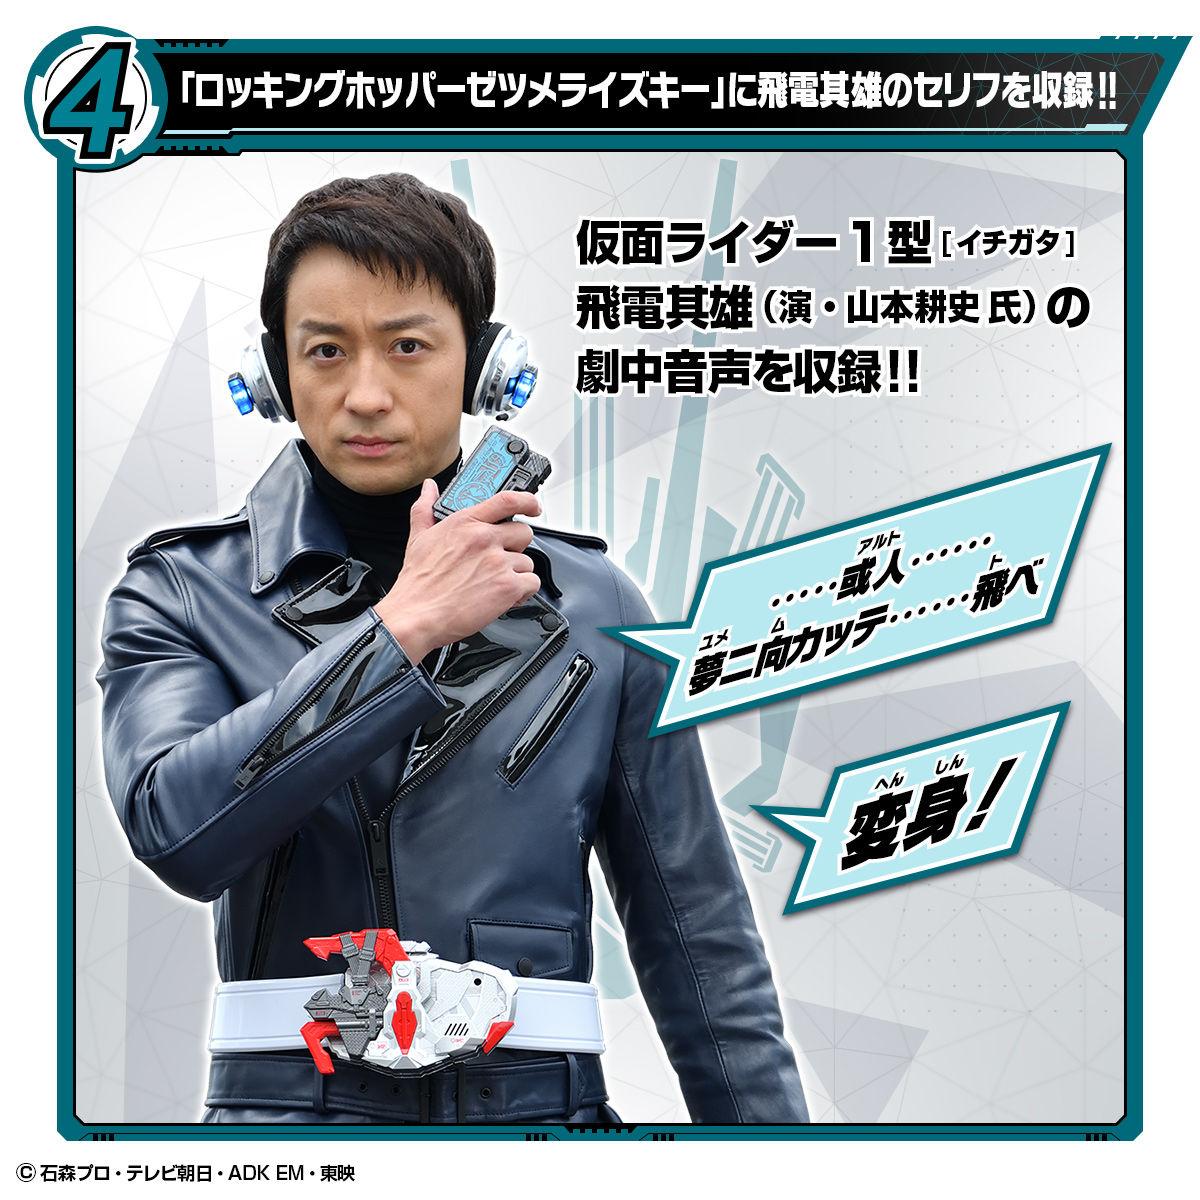 【限定販売】仮面ライダーゼロワン『DXサイクロンライザー』変身ベルト-005